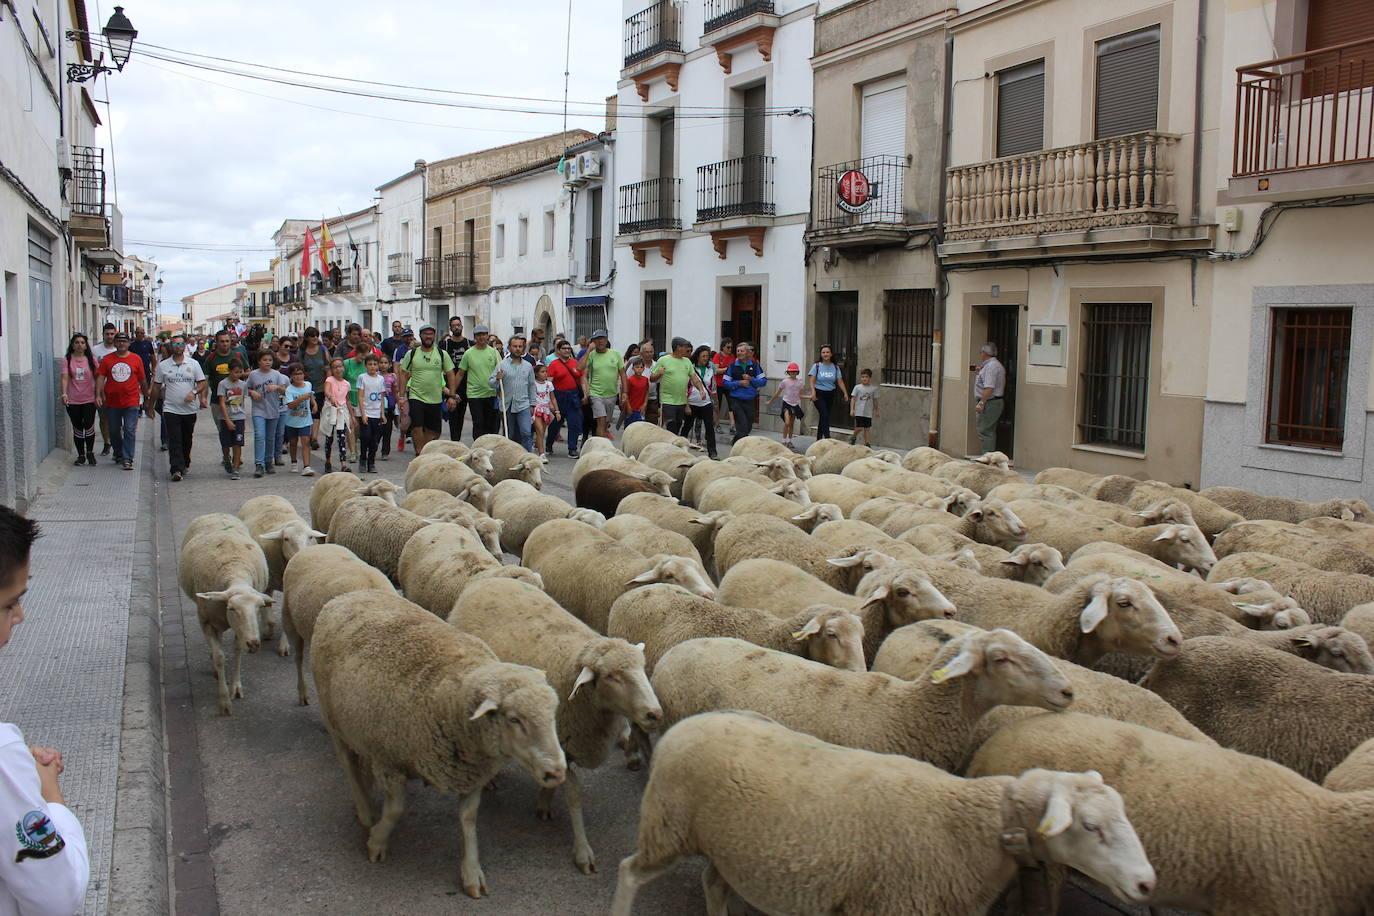 La ruta trashumante de Casar de Cáceres sigue ganando popularidad tras 14 años de celebración